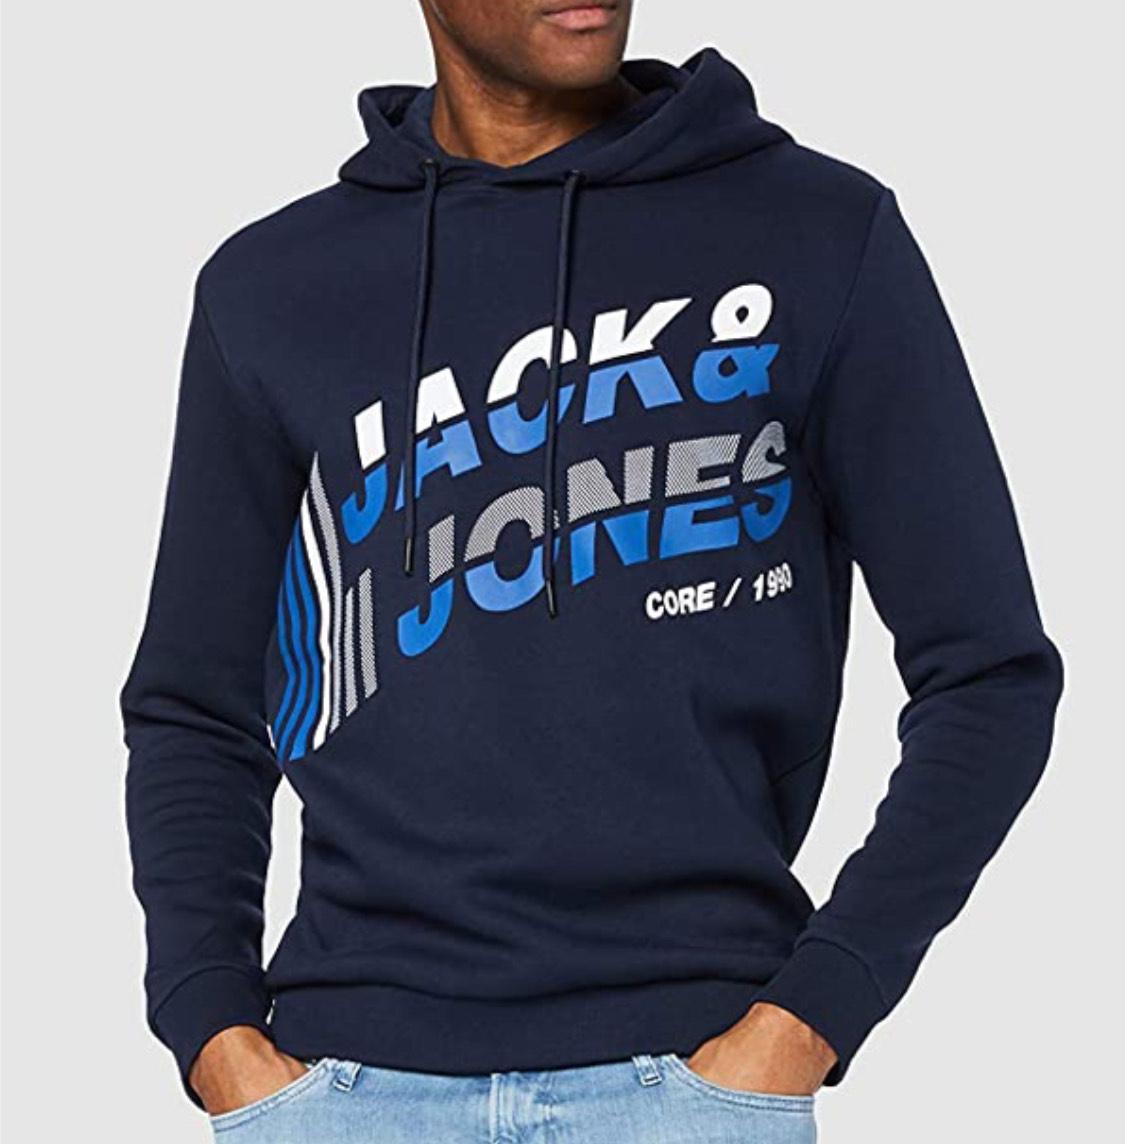 Sudadera capucha Jack & Jones adulto talla L (M a 12,02€)